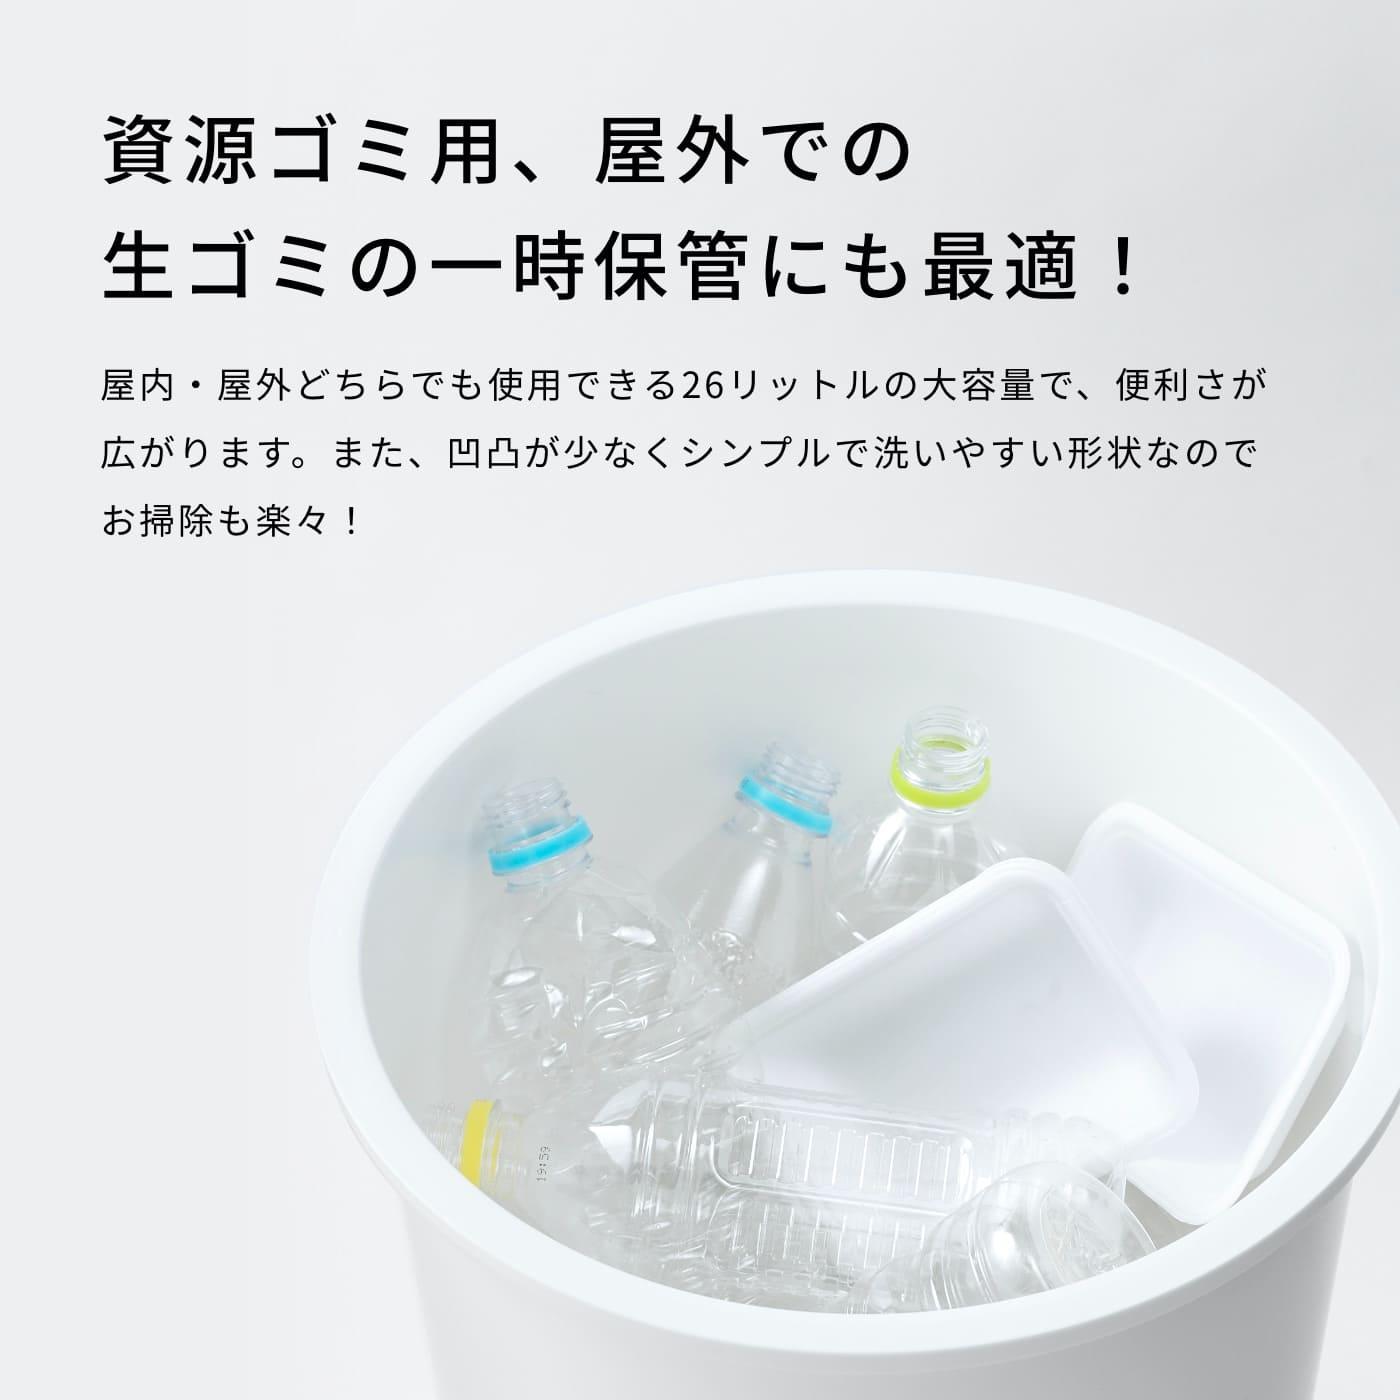 資源ゴミ用、屋外での生ゴミの一時保管にも最適!